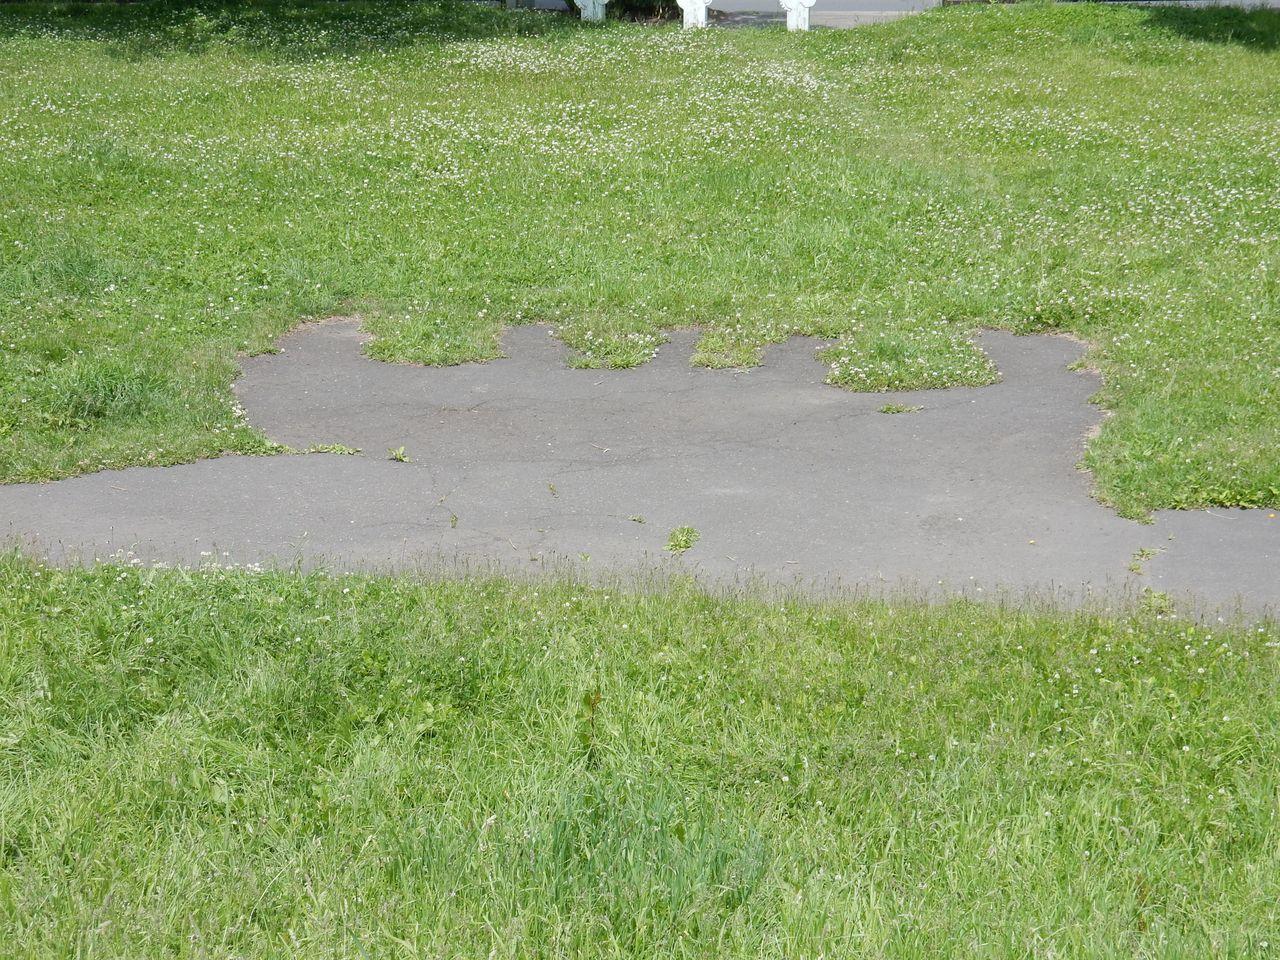 公園ランニングコースの不思議な構造_c0025115_21270858.jpg